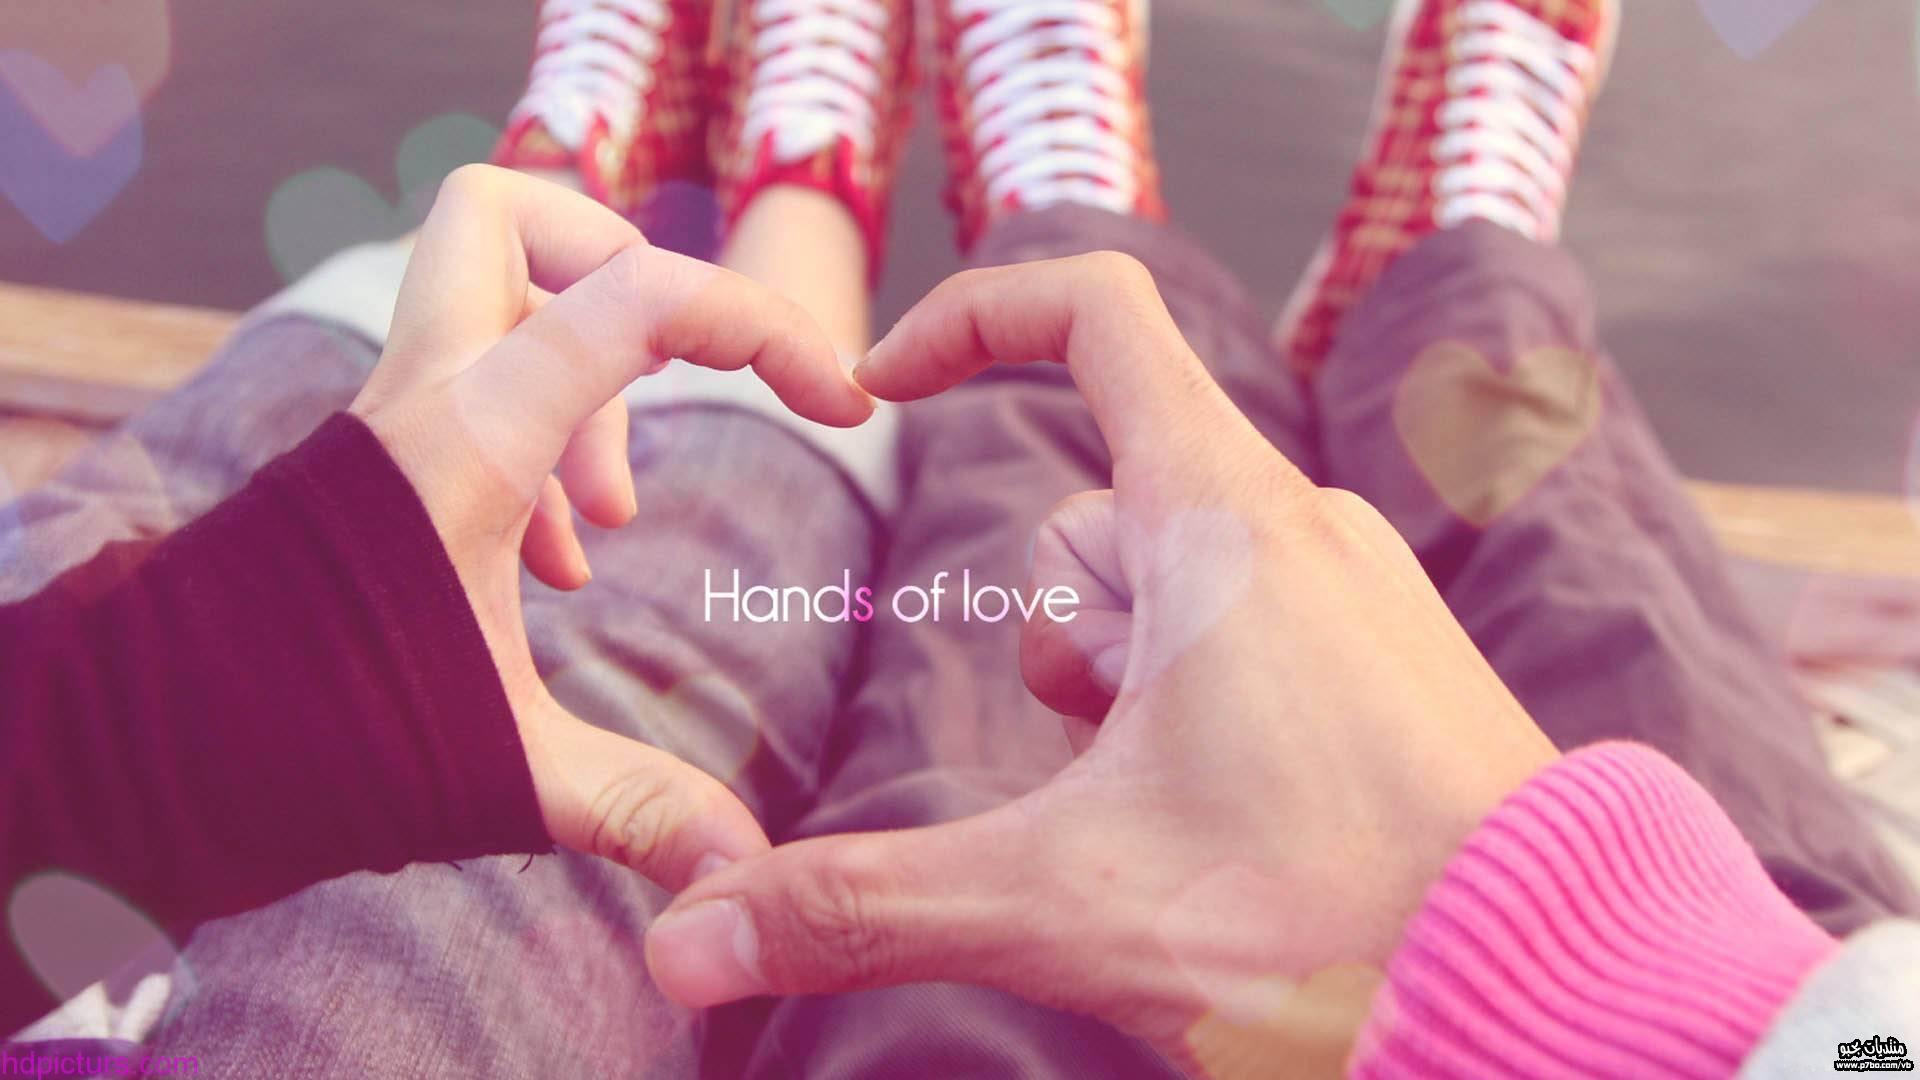 بالصور صور رومانسية احضان اجمل صور قلوب رومانسية , اروع صور عن الحب